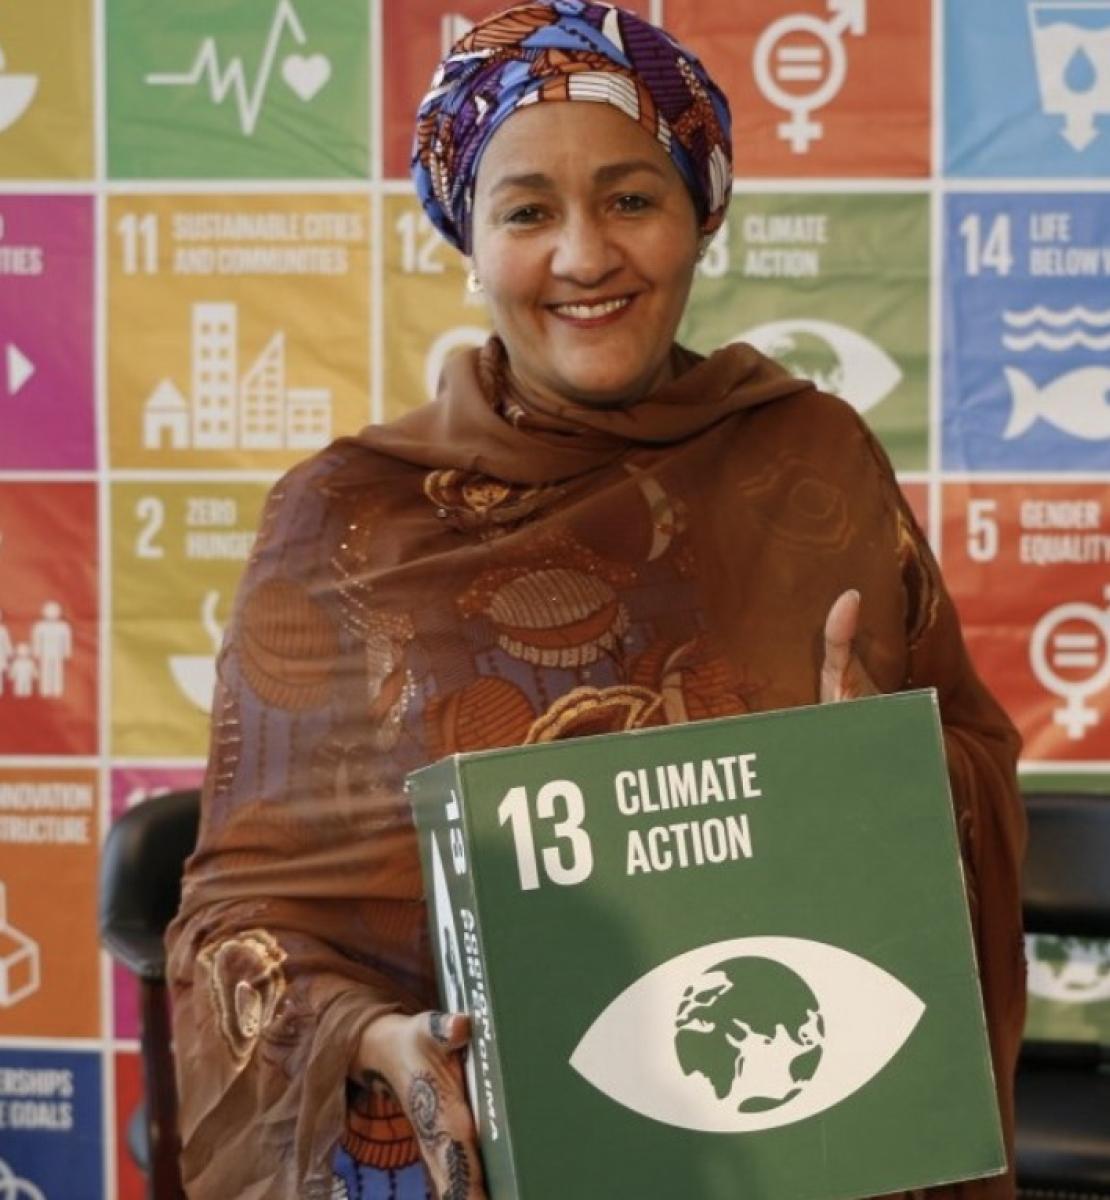 """Amina Mohammed, la Vice-Secrétaire générale de l'ONU, sourit à la caméra en tenant une boîte verte sur laquelle sont inscrits les mots """"Climate Action"""", qui signifient en français """"Action climatique"""". Derrière elle se trouve une grande affiche aux multiples couleurs sur laquelle figurent l'ensemble des ODD."""